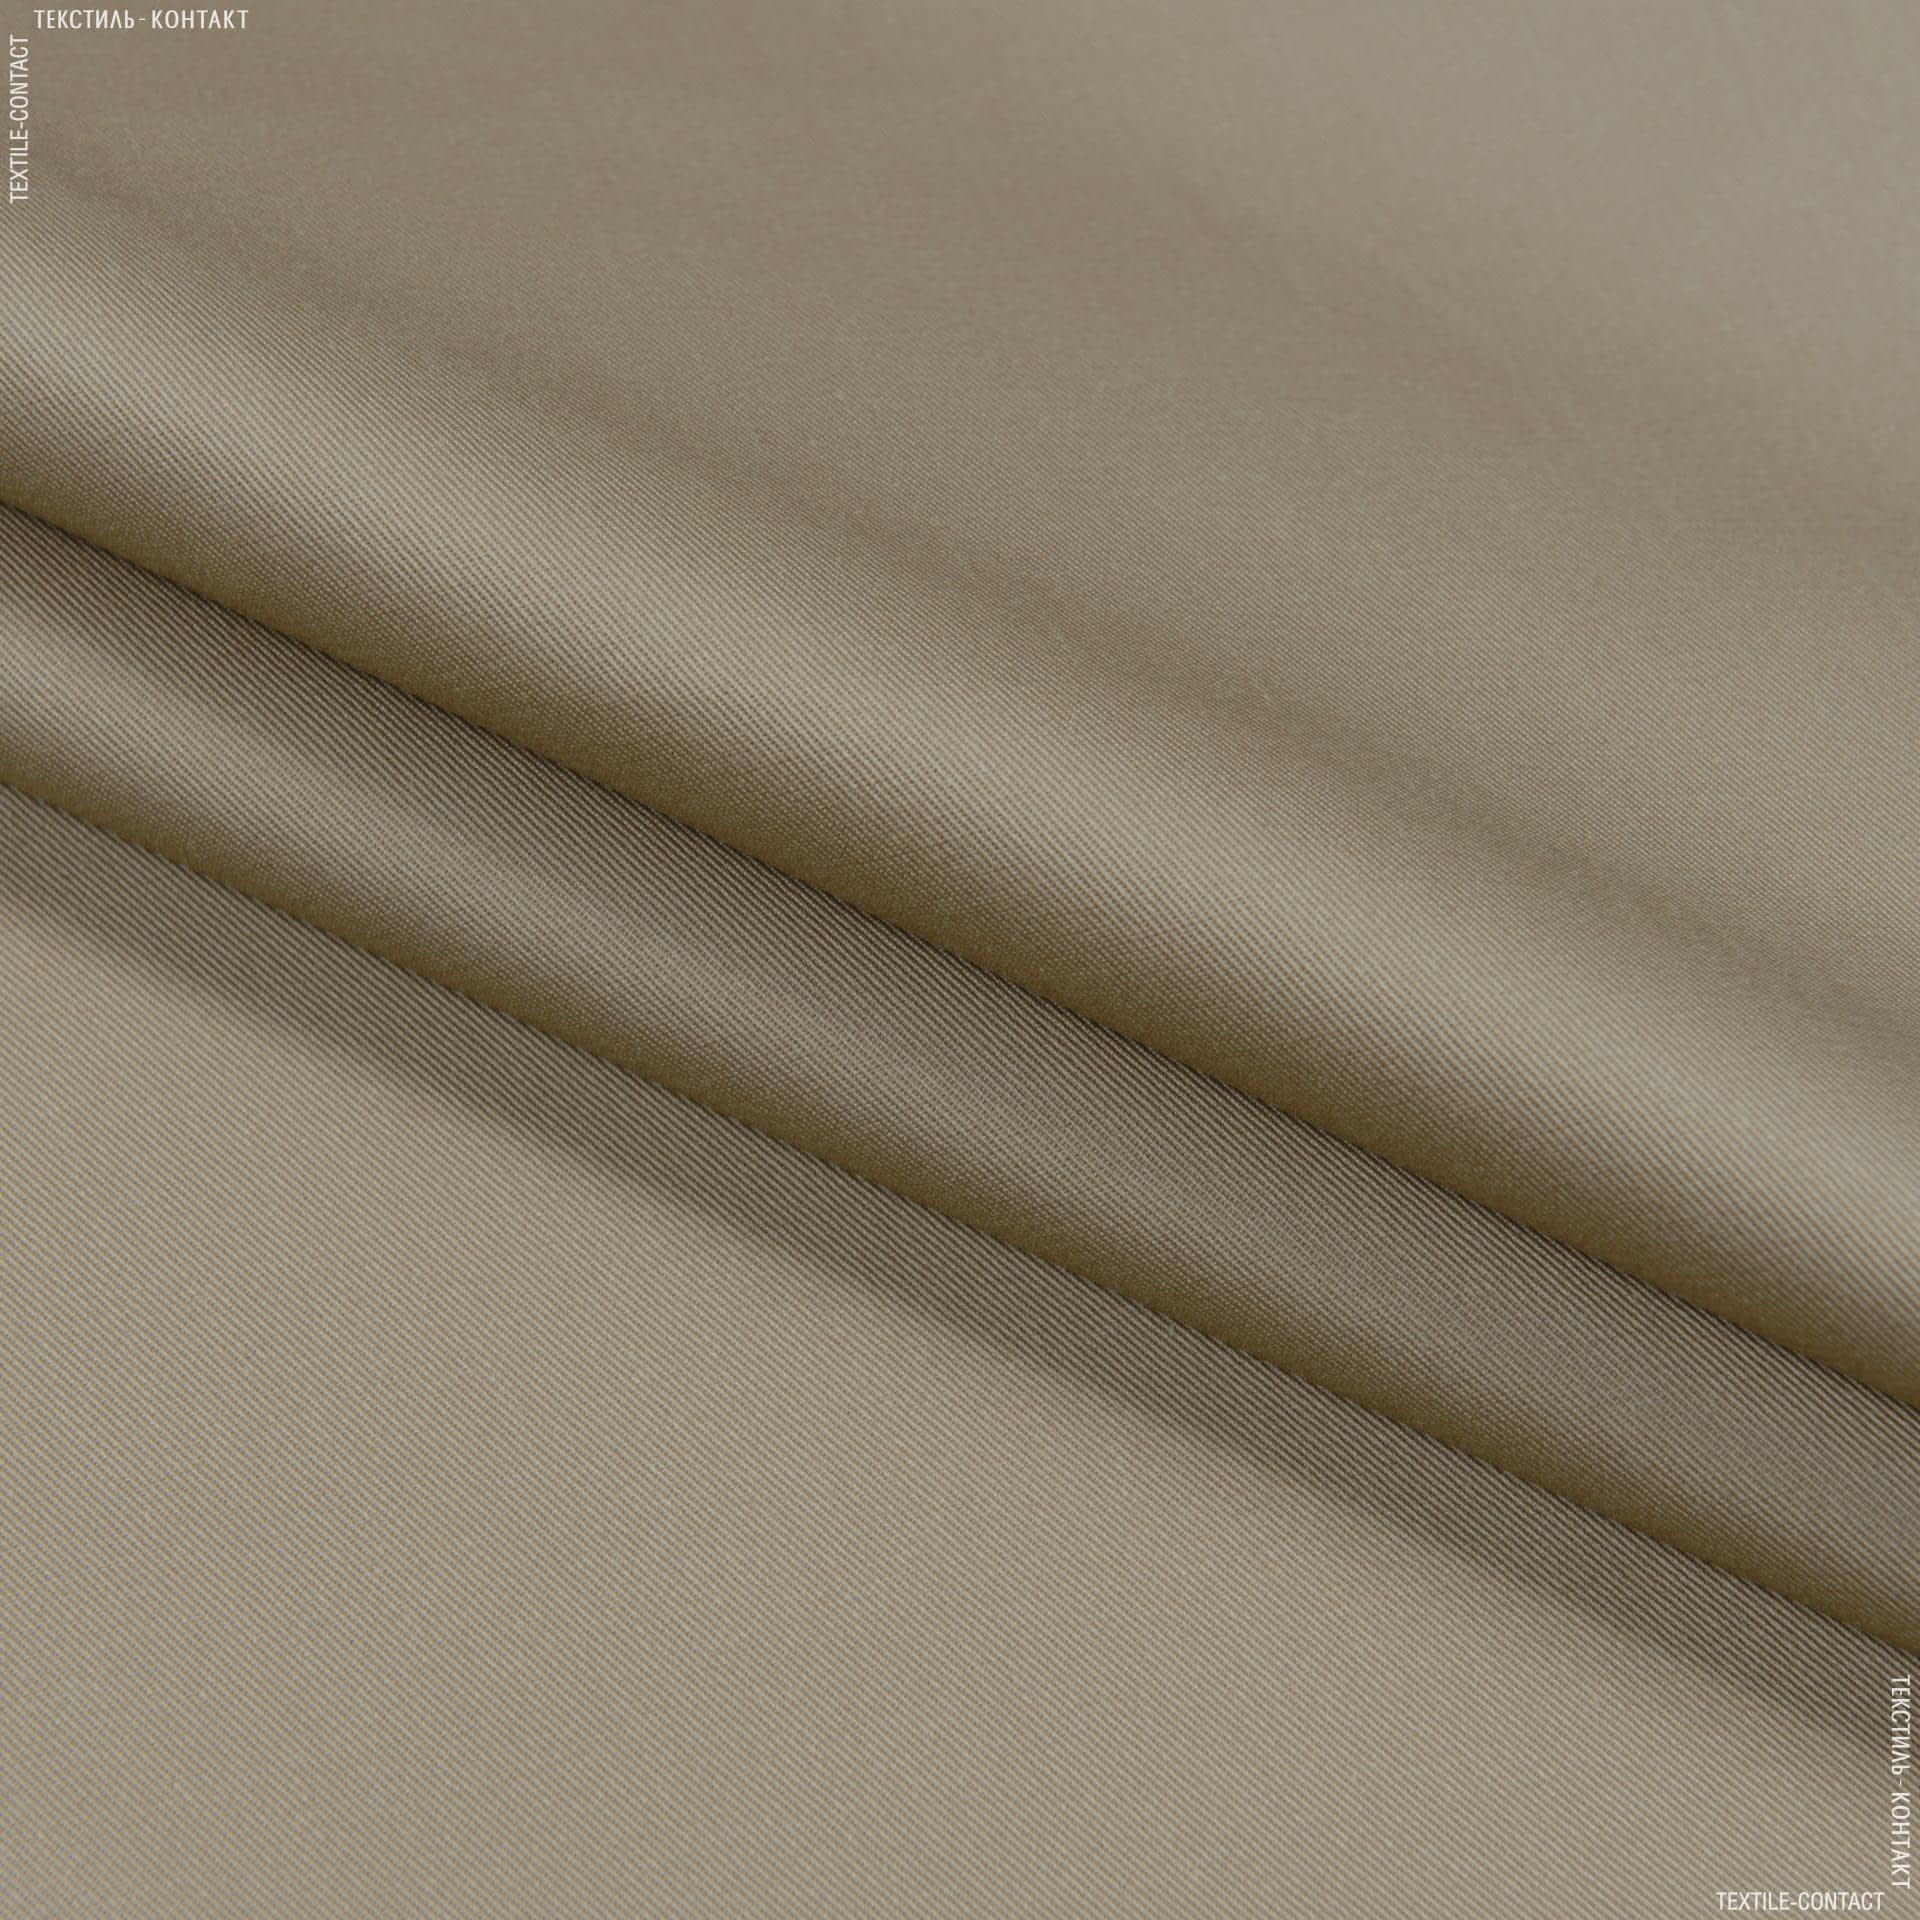 Тканини для рюкзаків - Саржа F-240 бежевий